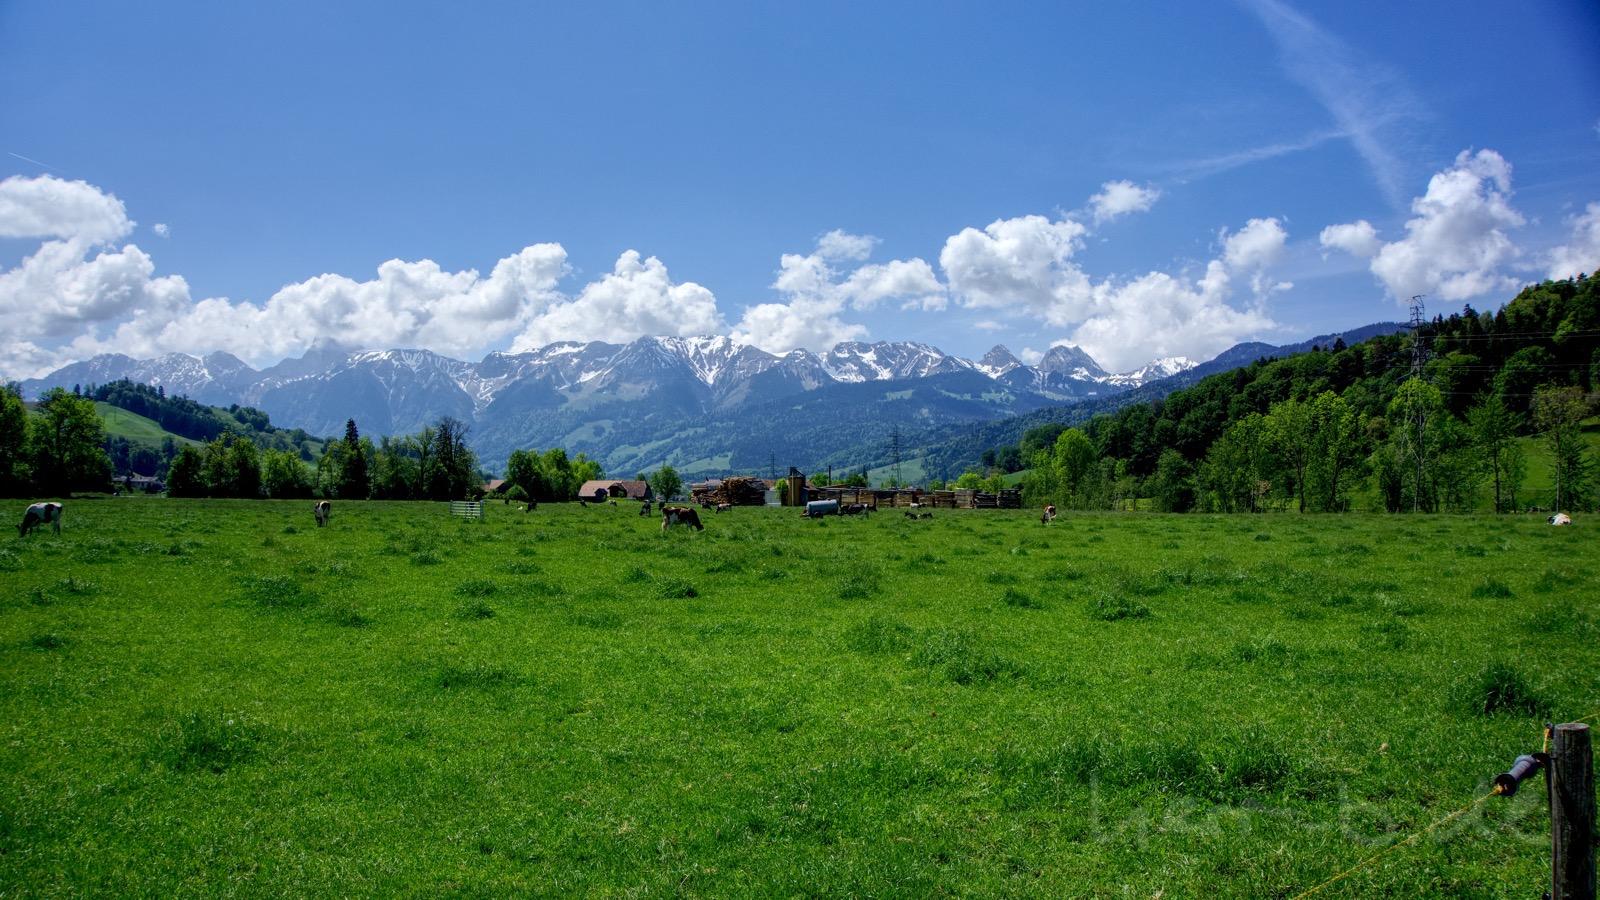 Ausblick auf die Berge 400 Meter nach dem Start.